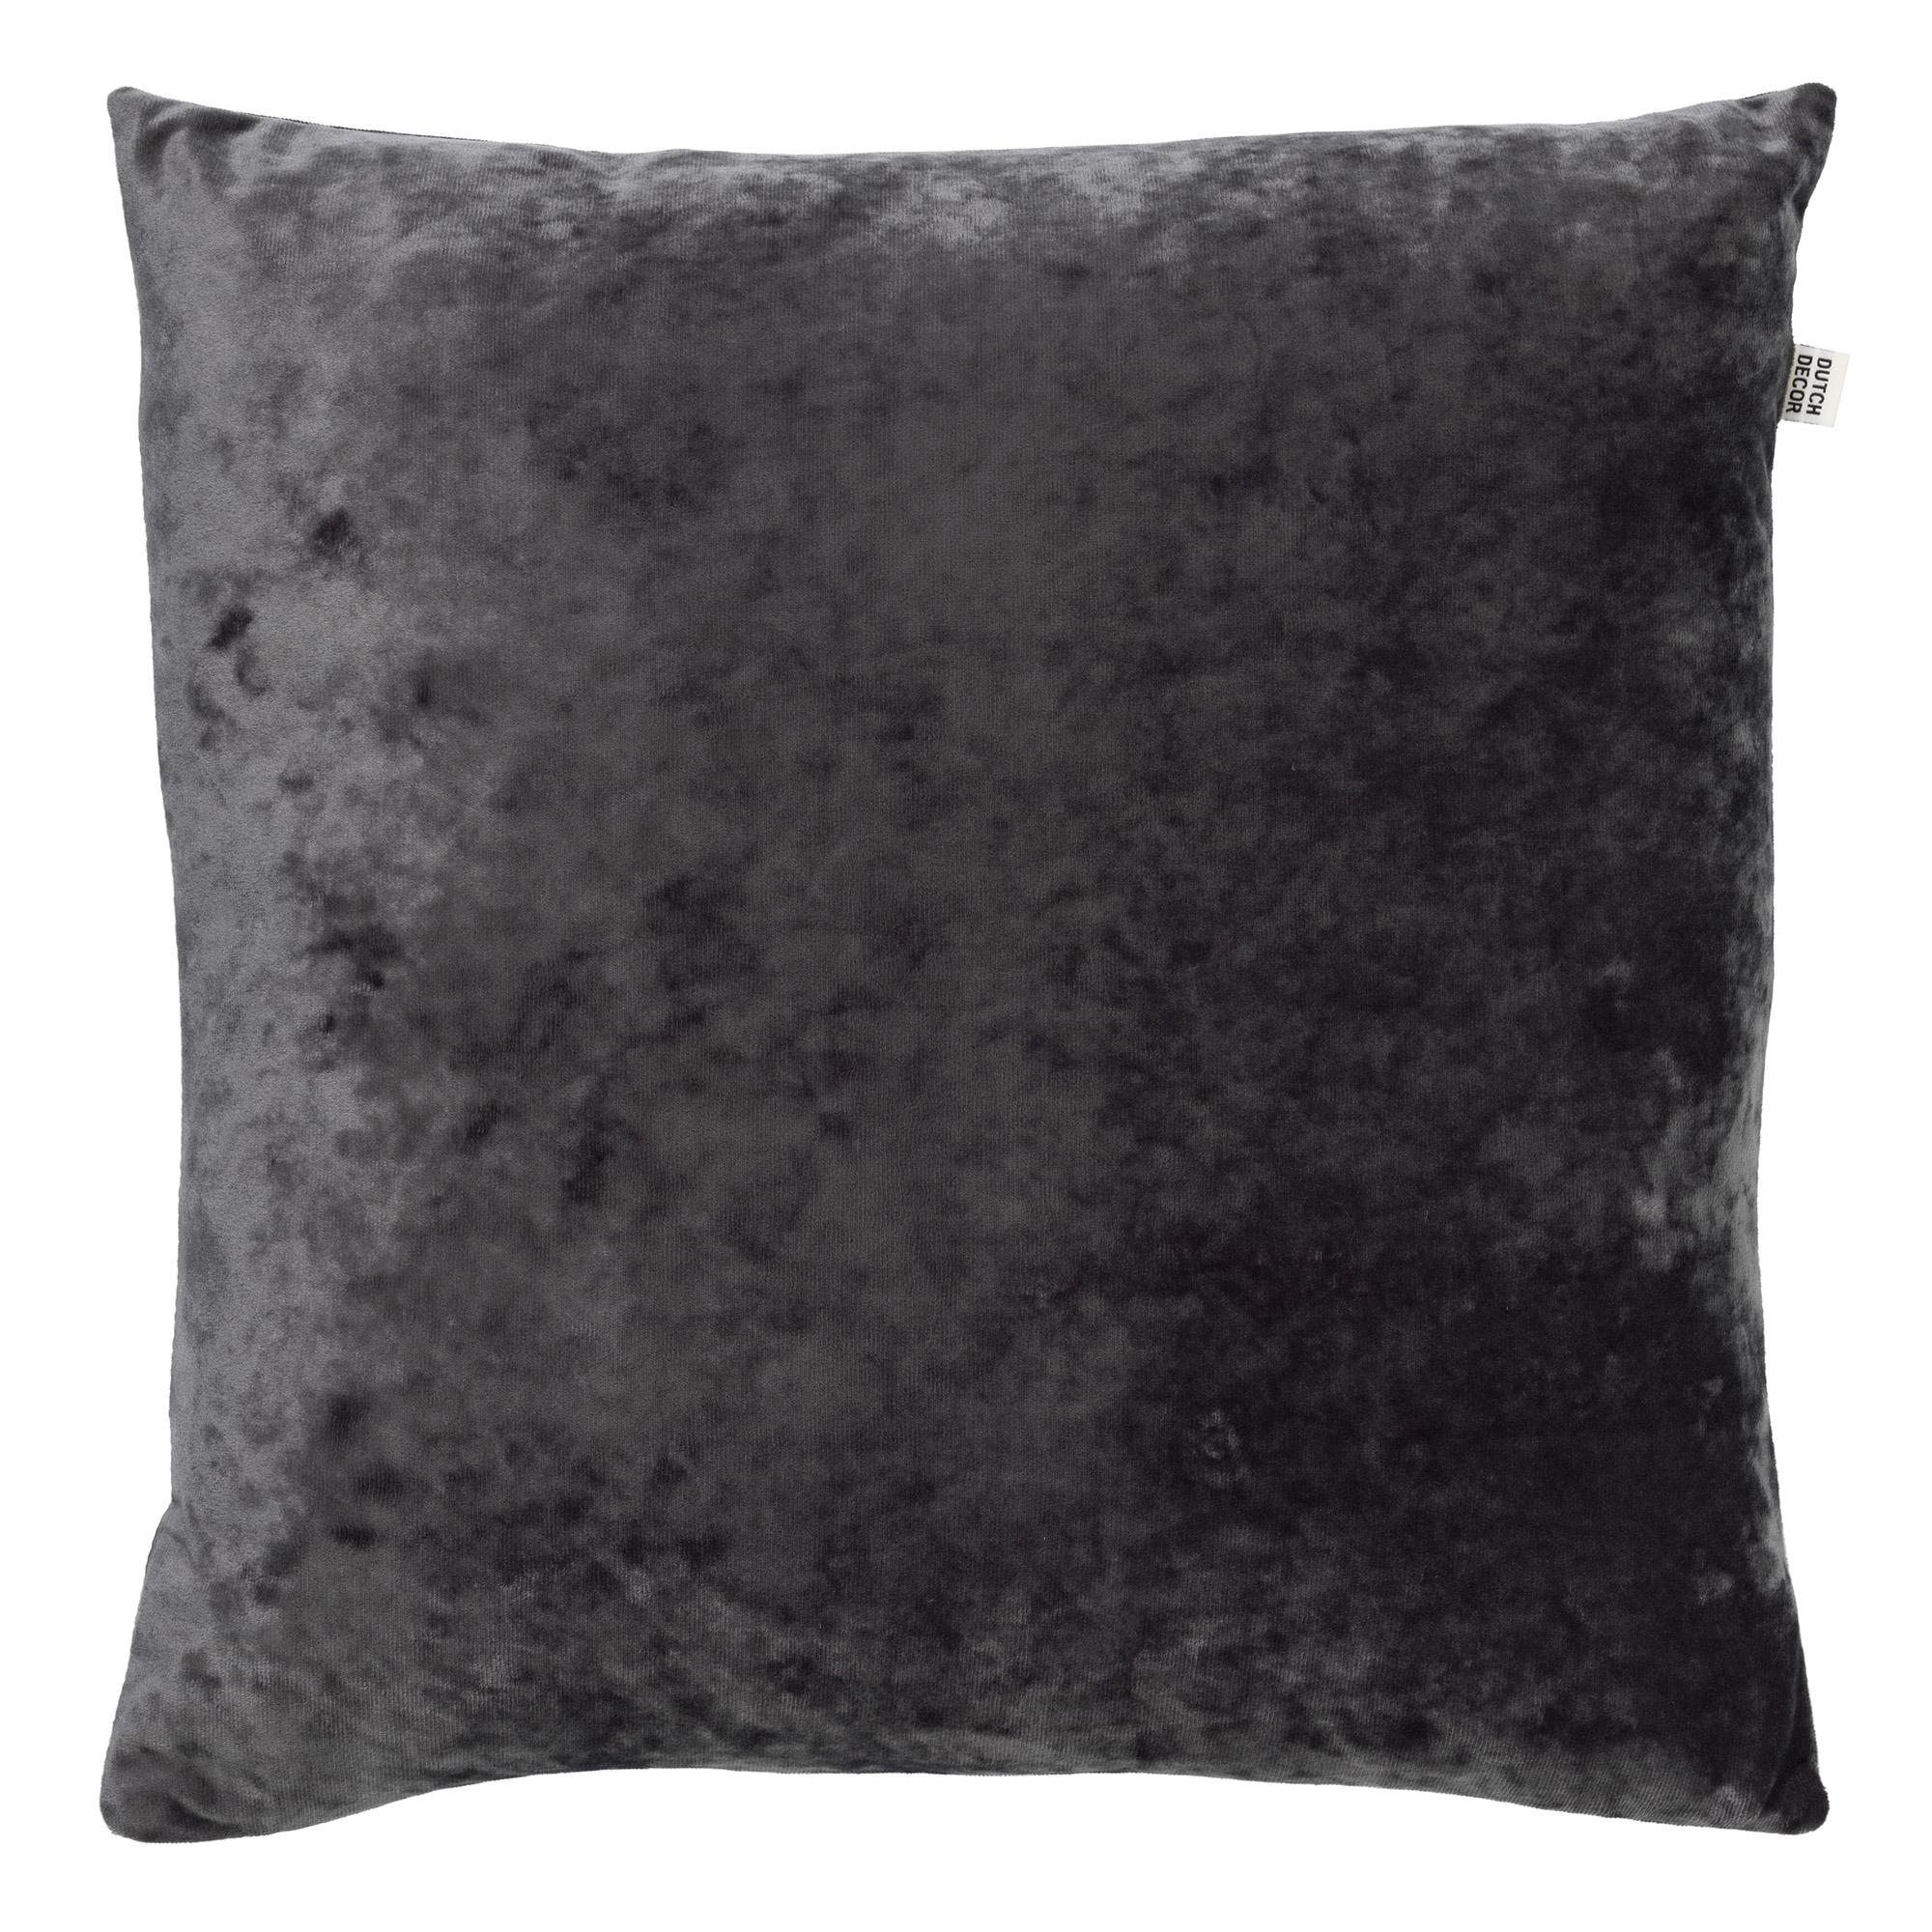 SKY - Sierkussen velvet Charcoal Gray 45x45 cm